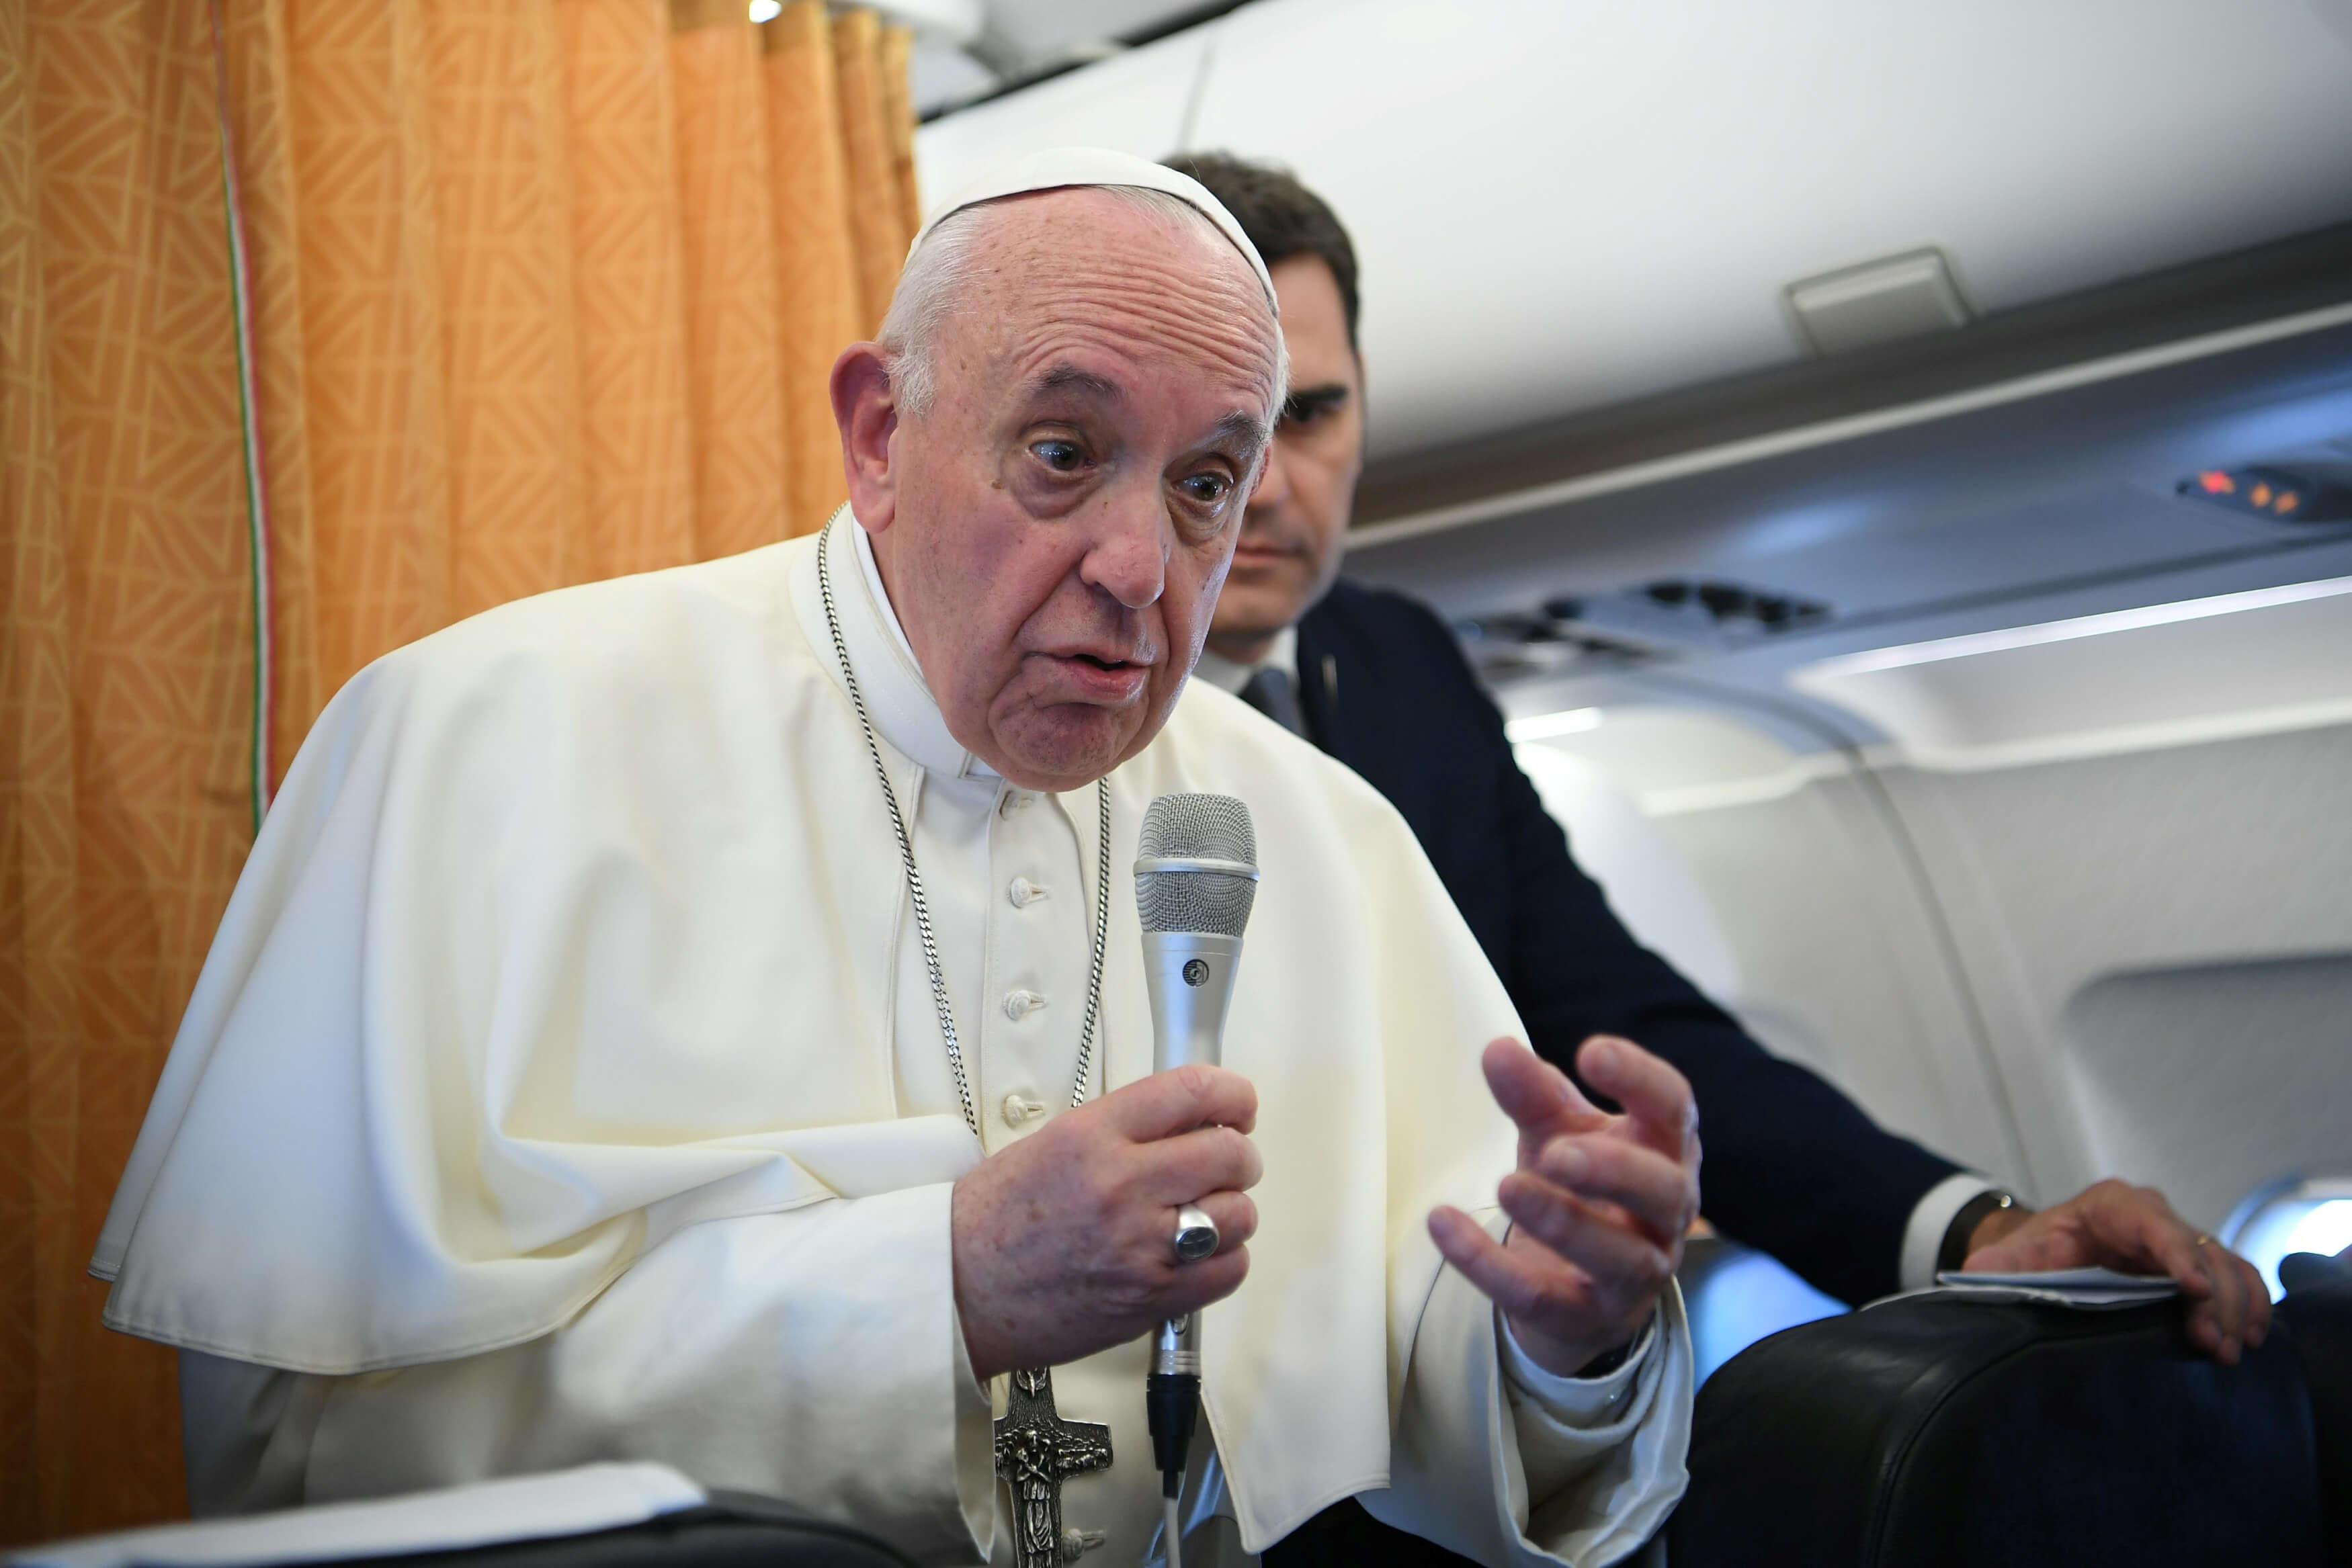 Ανυποχώρητος ο Πάπας Φραγκίσκος: Καμιά έκτρωση δεν είναι αποδεχτή